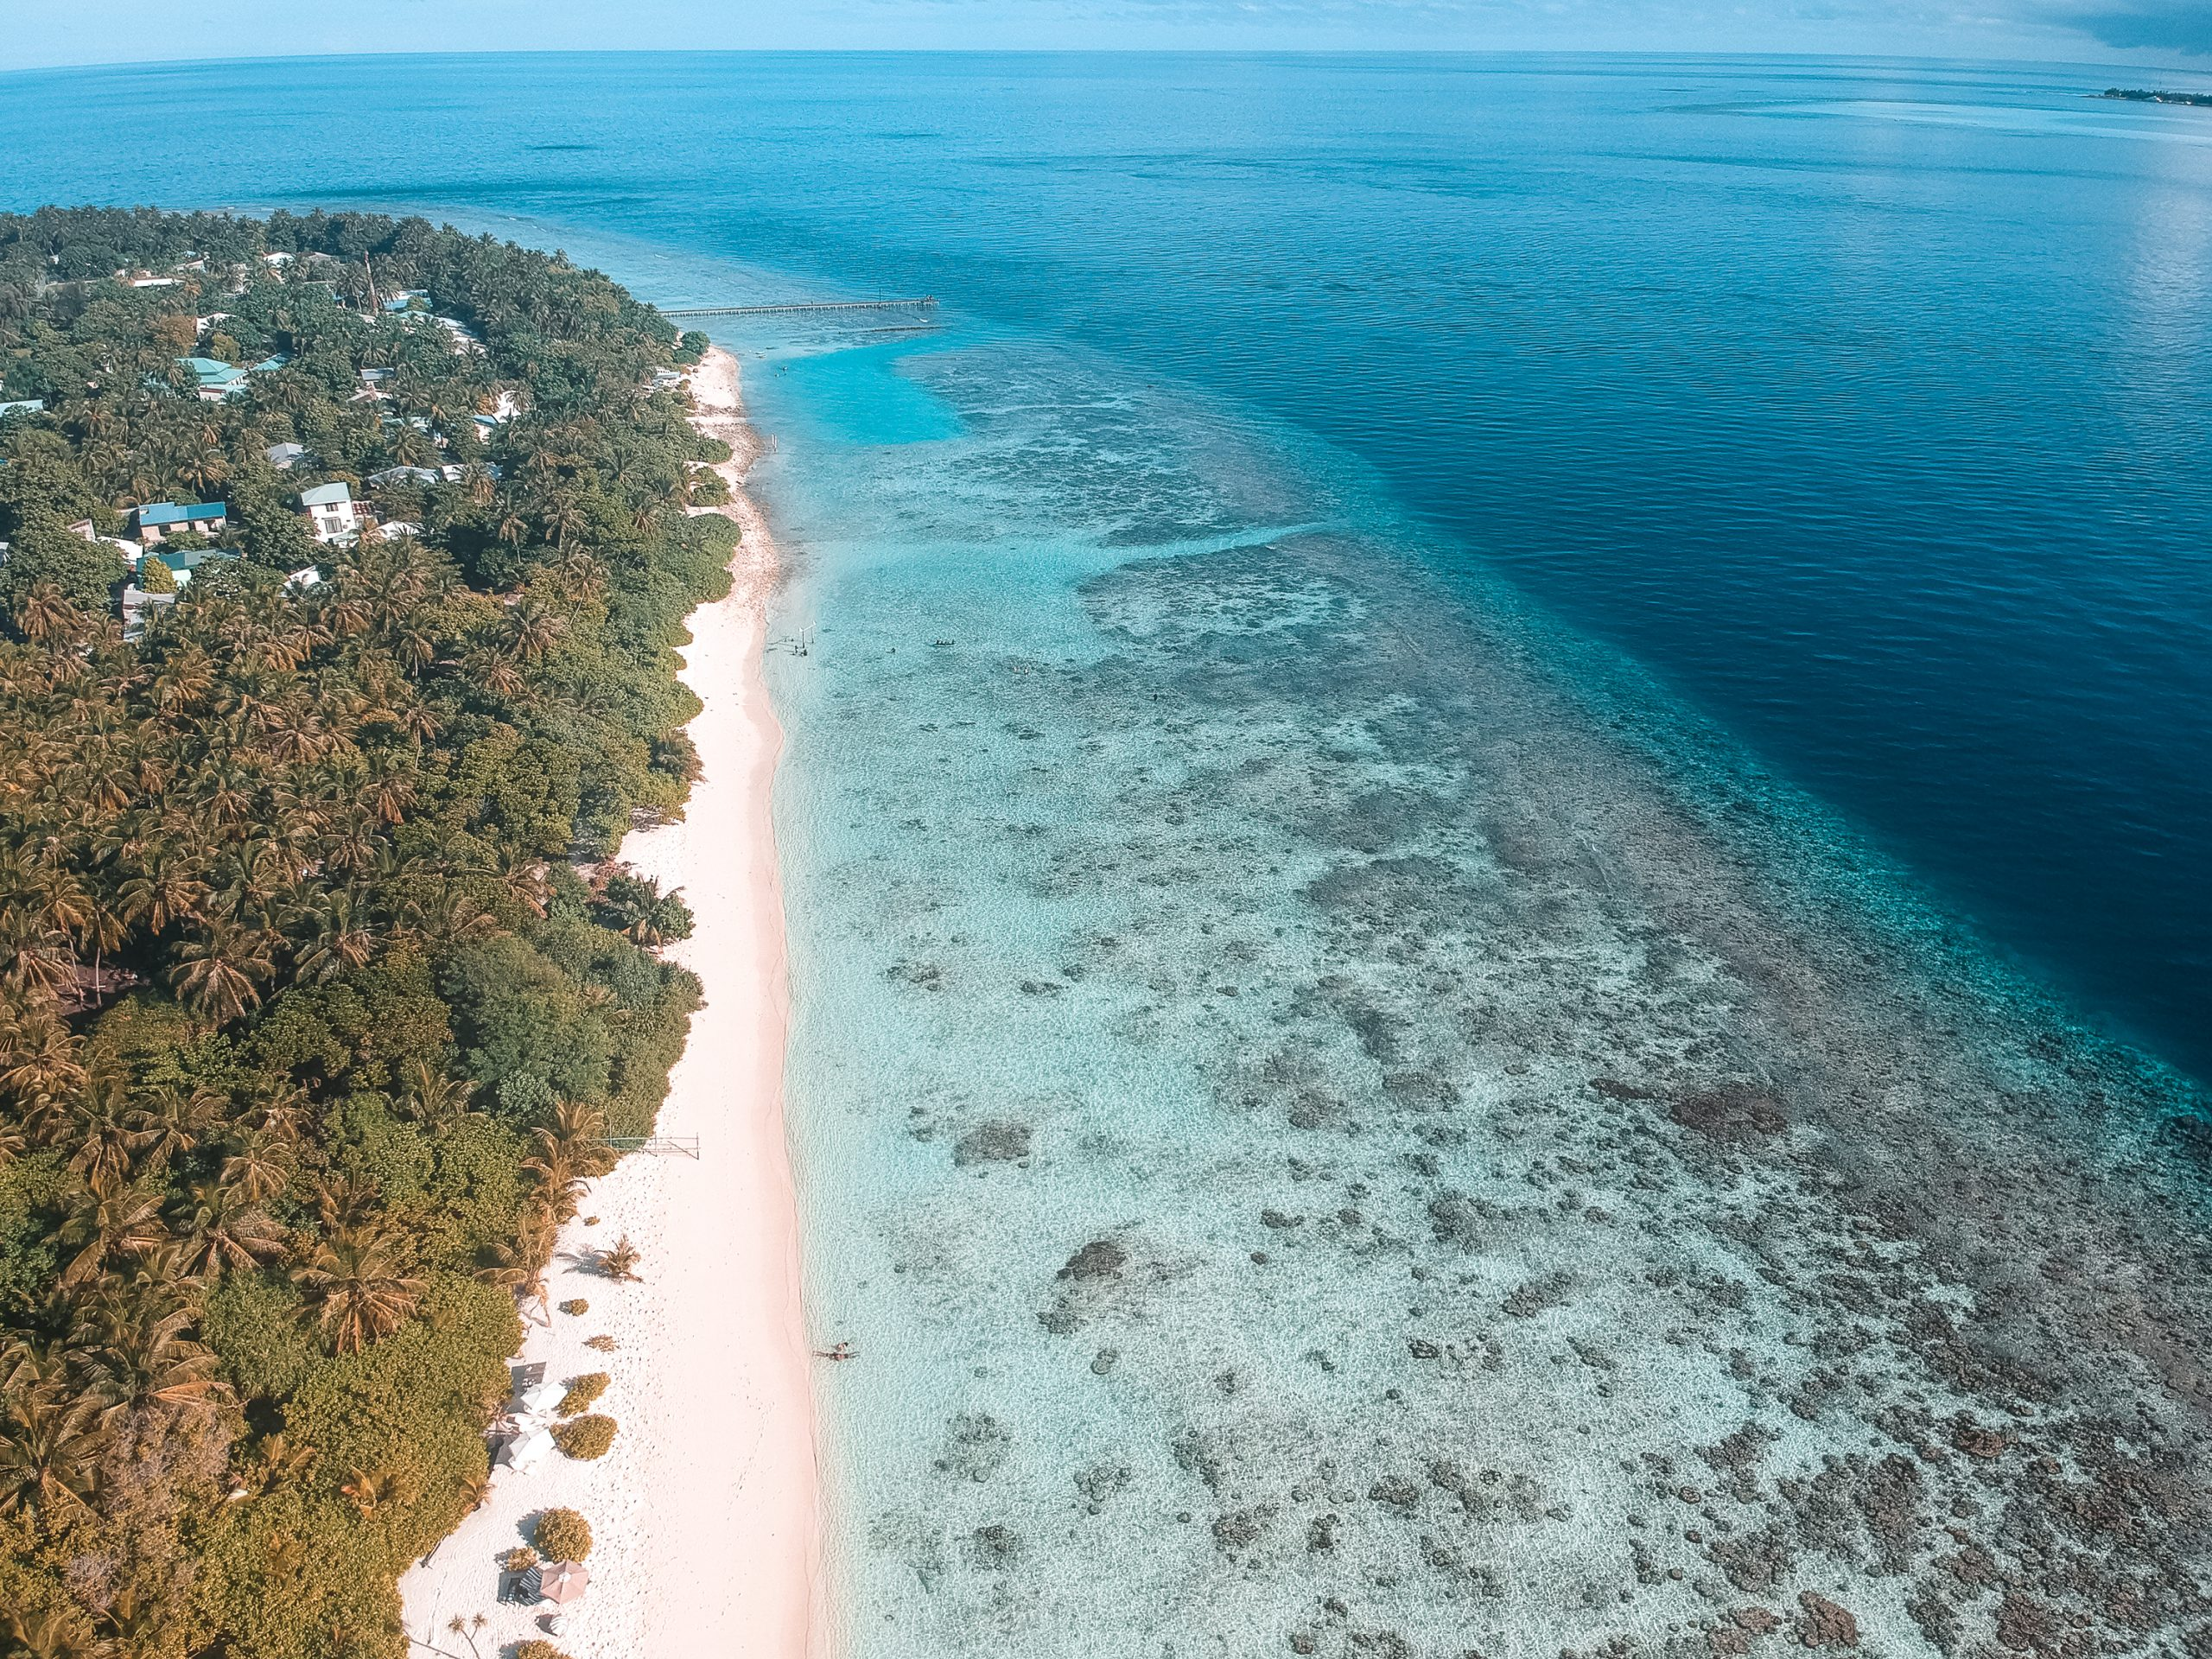 Viagem econômica para as Maldivas